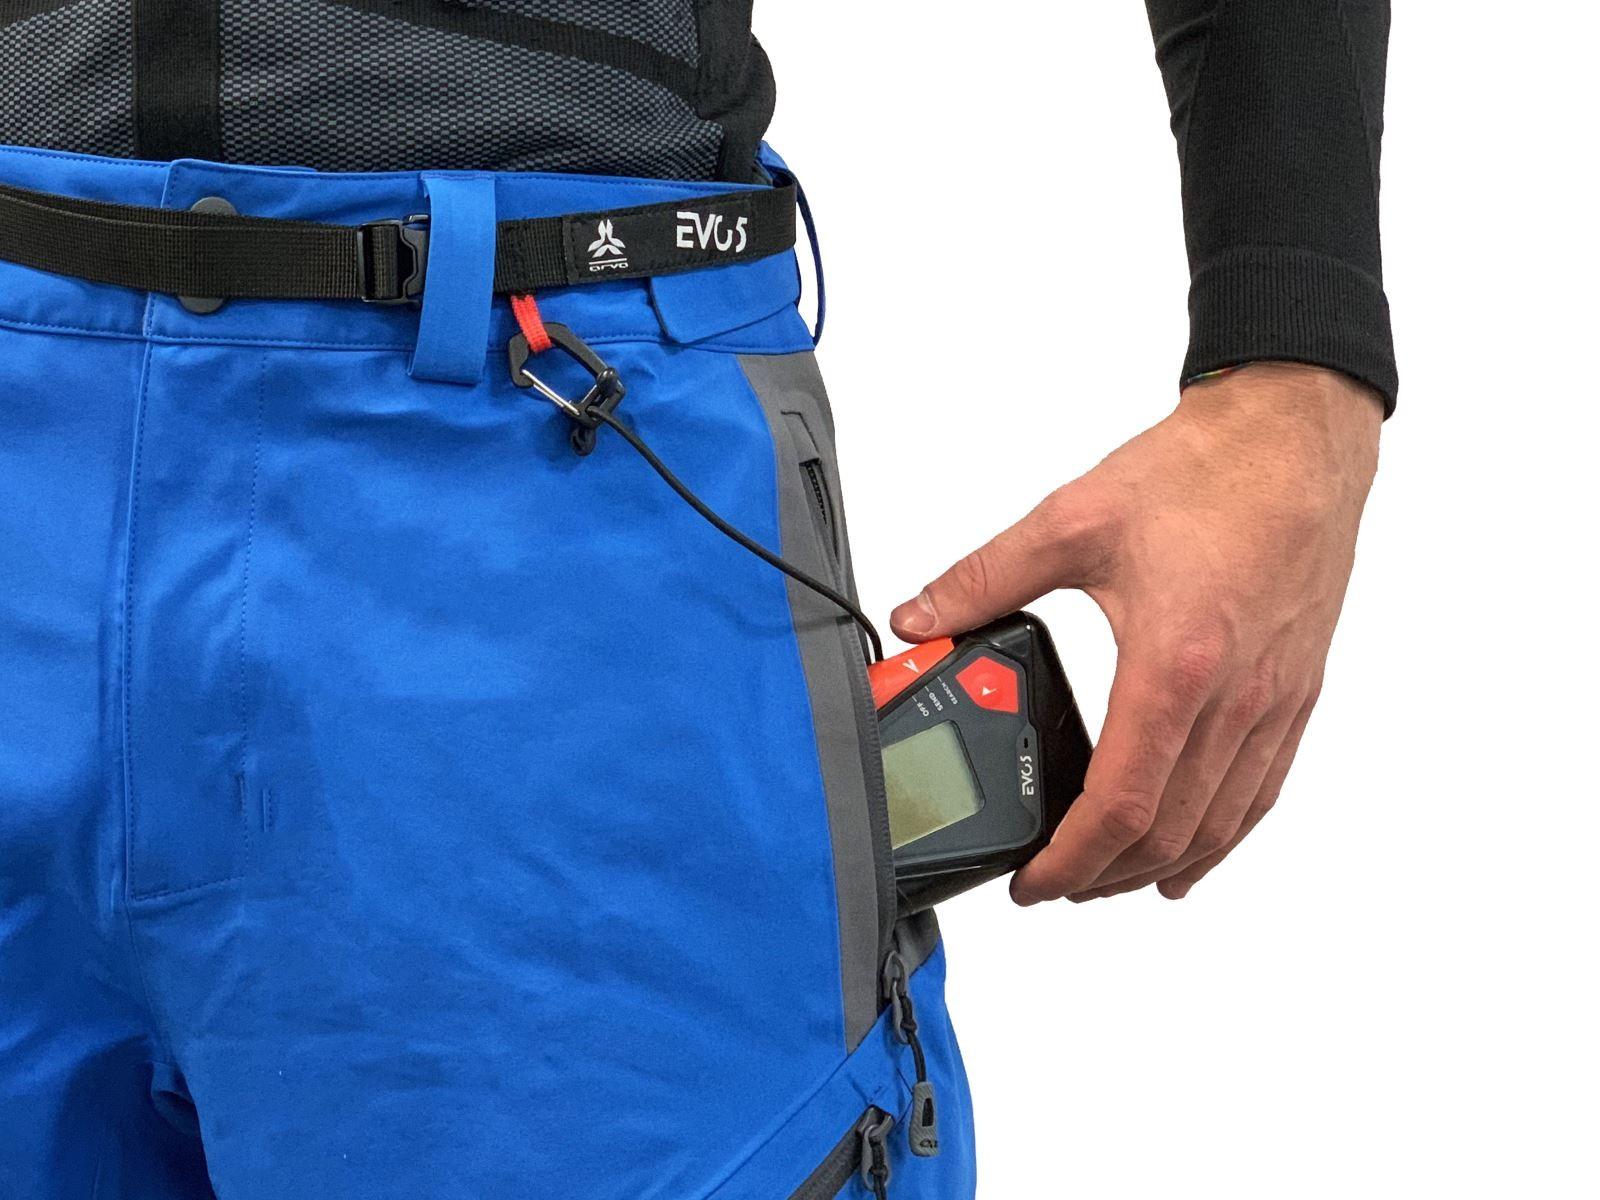 Антилавинный датчик ARVA для поиска людей под лавиной